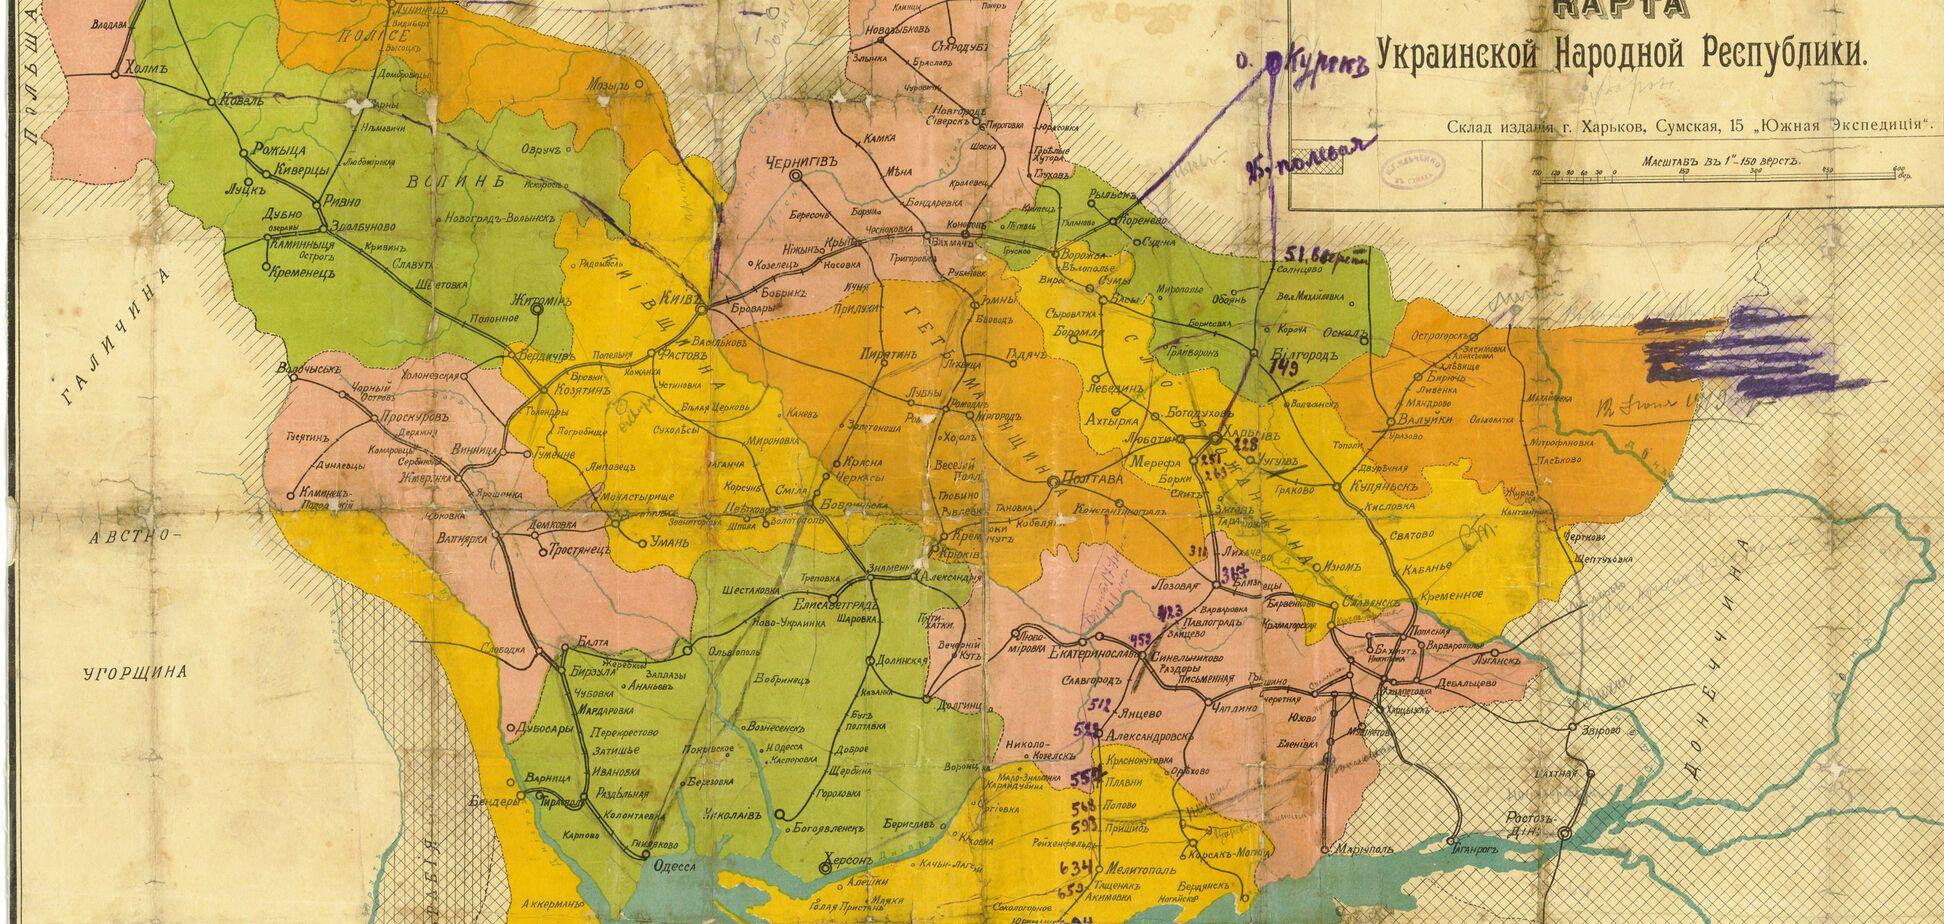 Карта Украины с границами УНР 1918 года. Источник: Таємна Січ